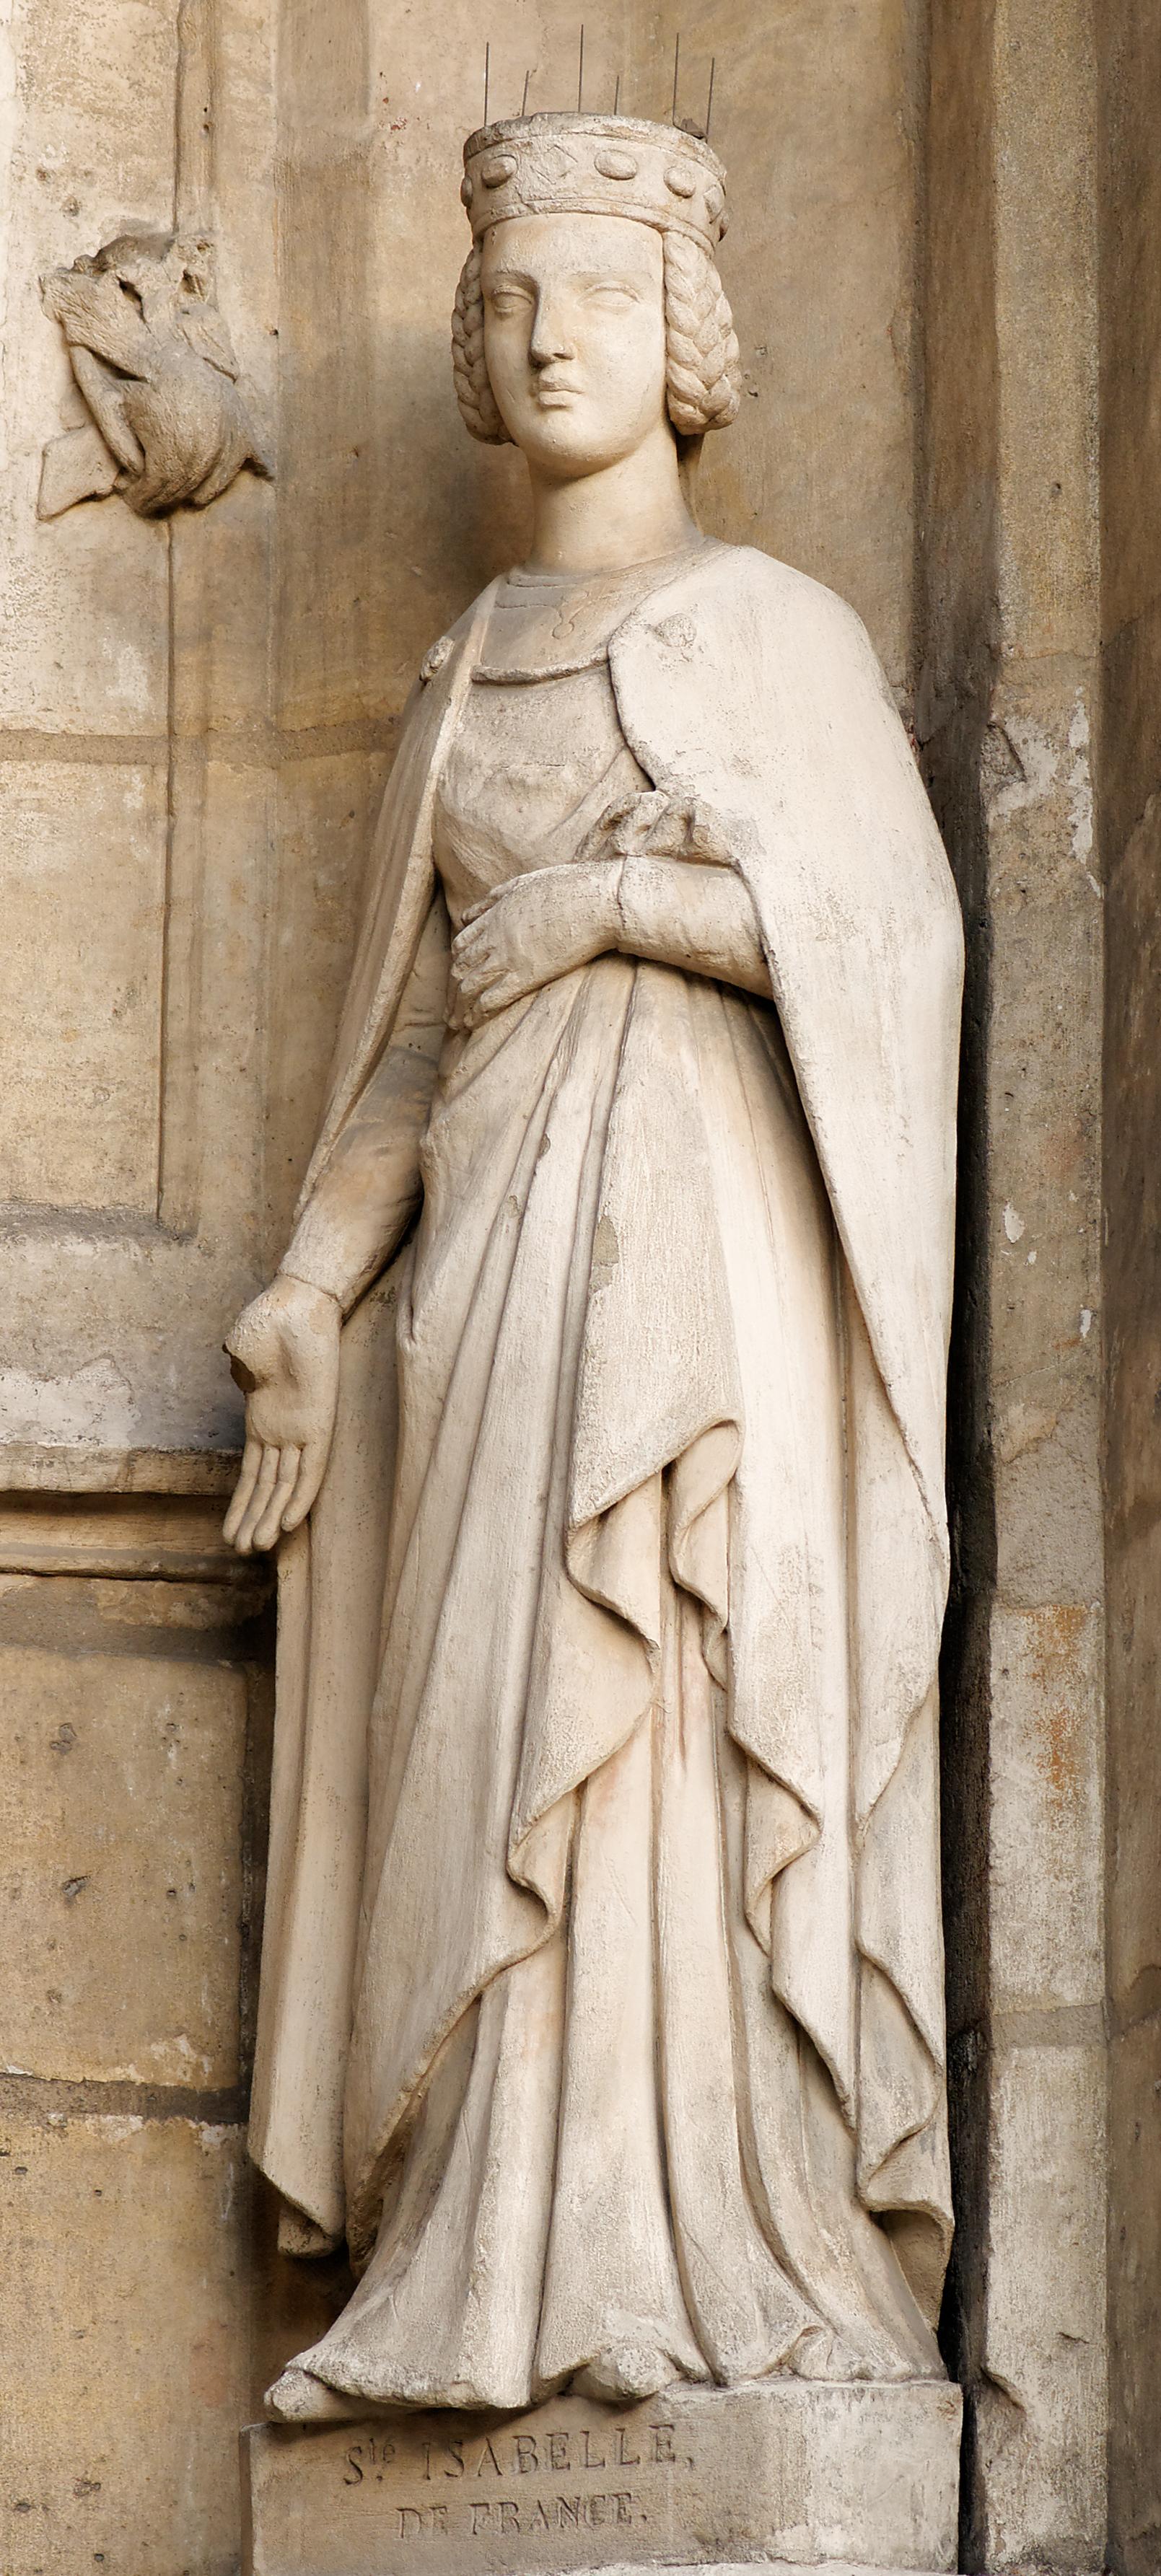 Louis Desprez, Isabelle de France, 1841, Portal der Kirche Saint-Germain-l'Auxerrois, Paris. Foto: Marie-Lan Nguyen (CC-BY-SA 3.0)